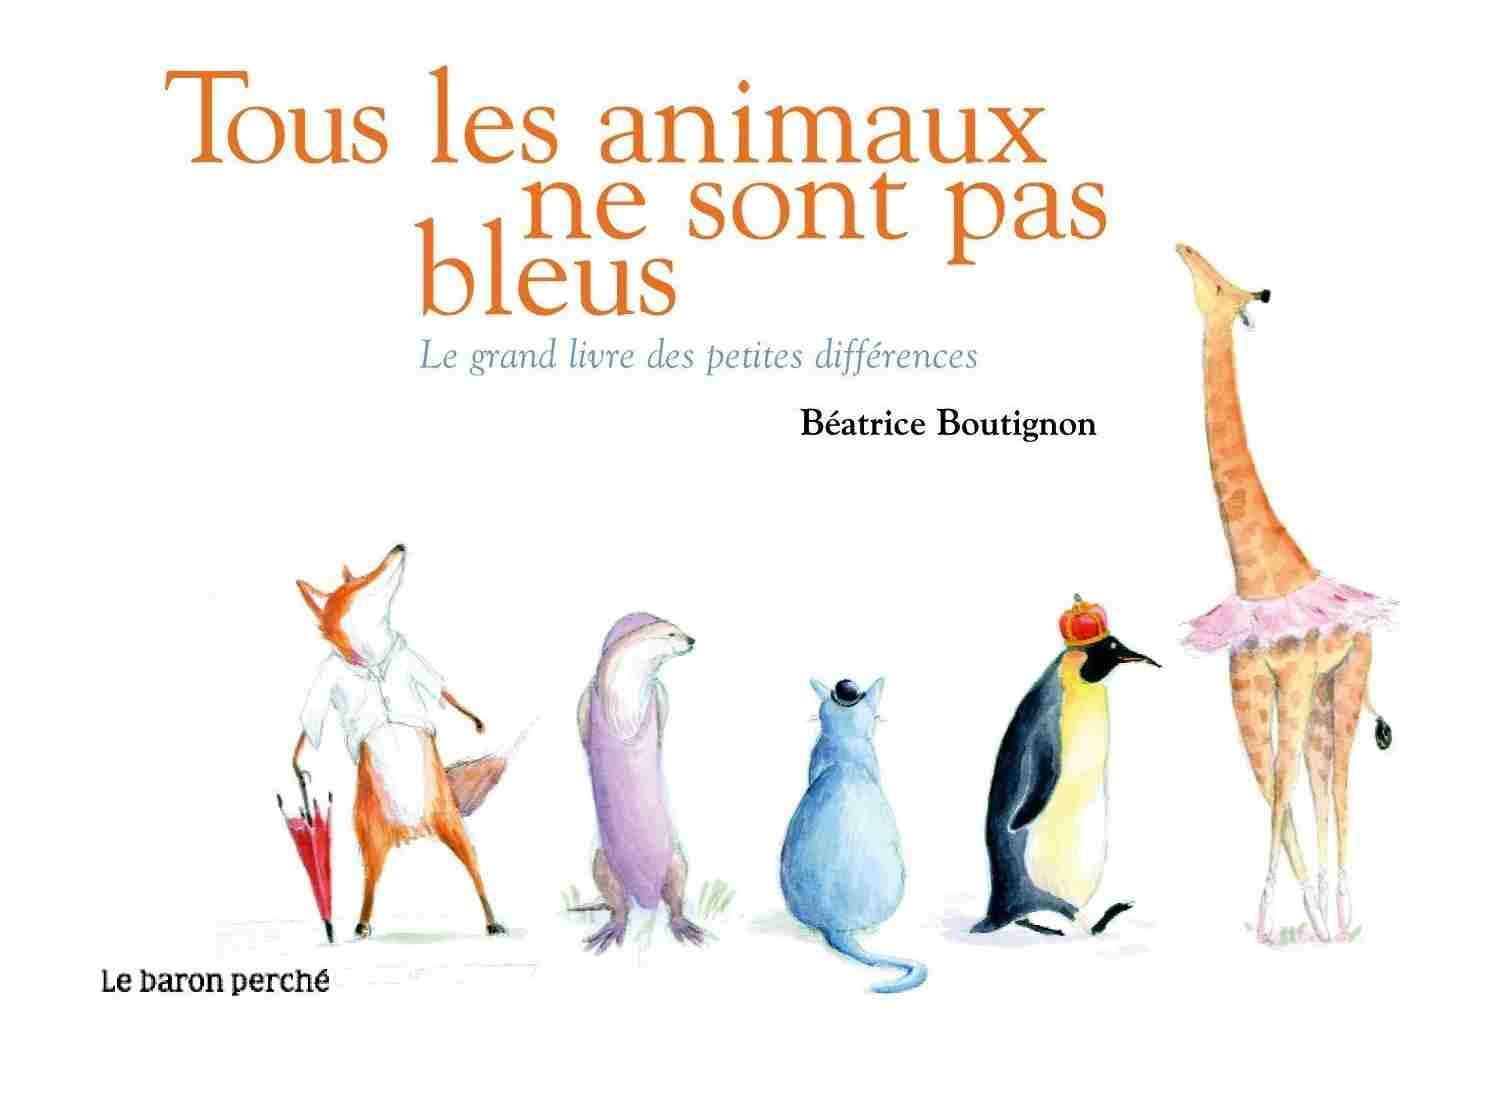 Tous les animaux ne sont pas bleus. Le grand livre des petites différences - Béatrice Boutignon